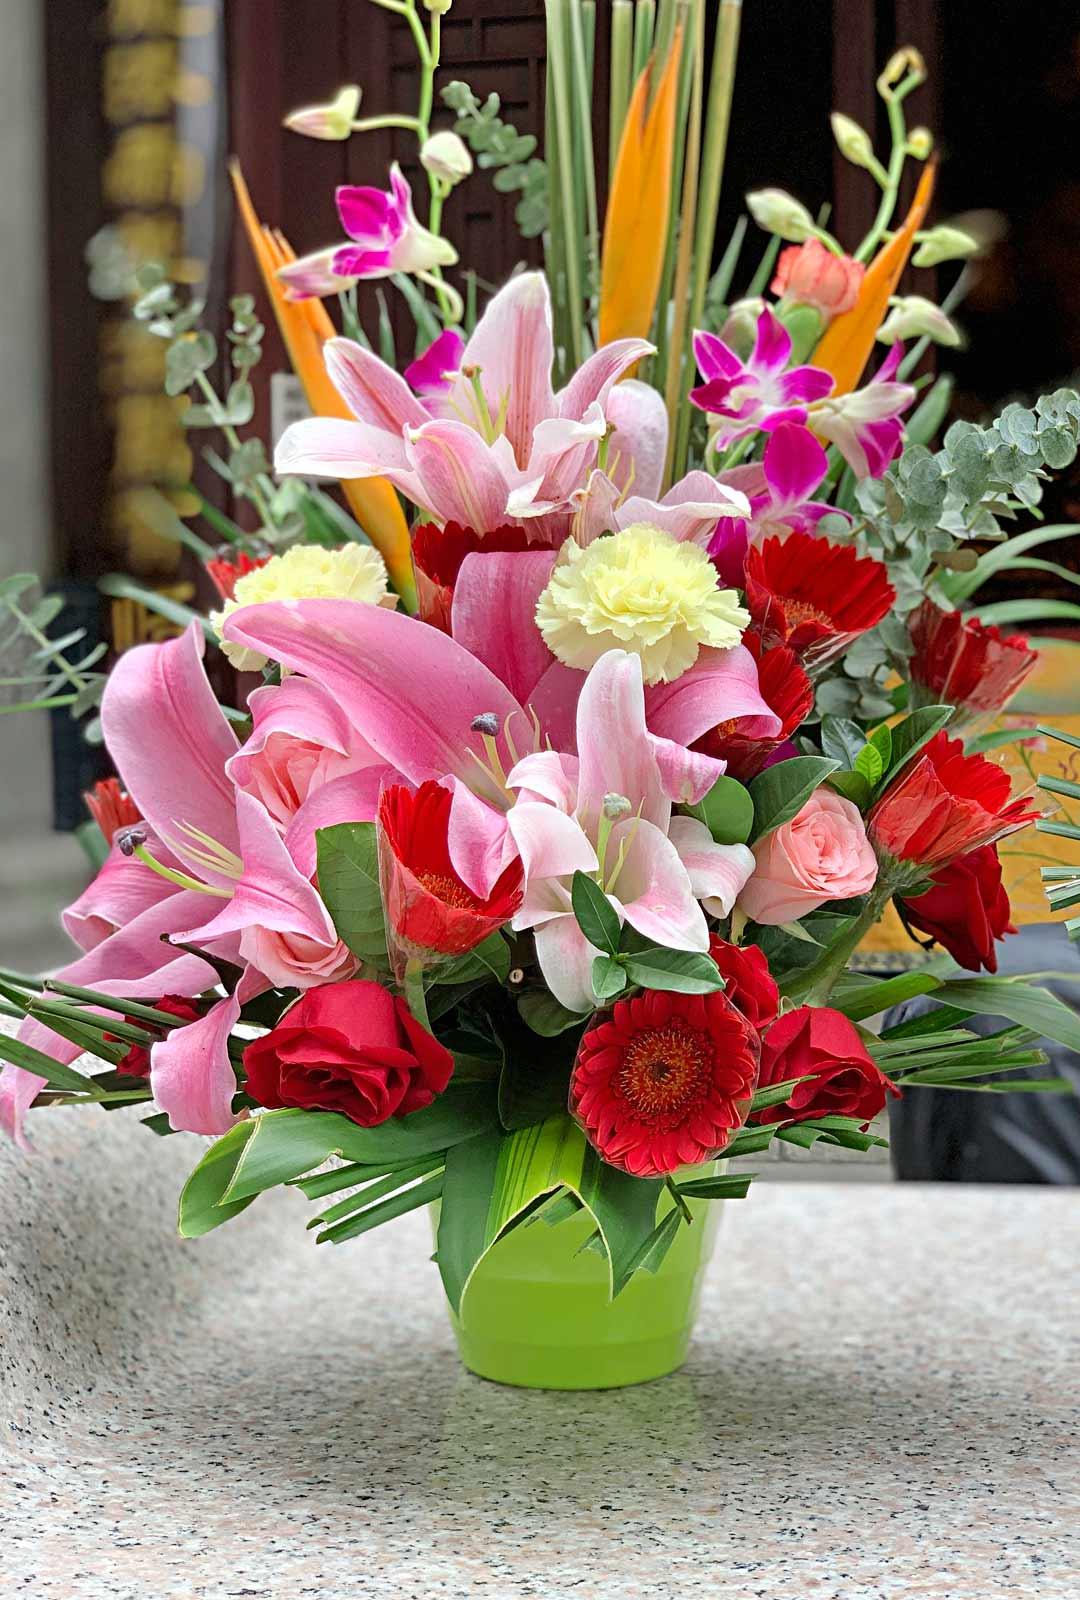 Temppelialueiden upeat ja värikkäät kukkakimput ovat uhrilahjoja. Niiden toivotaan edesauttavan omien rukousten toteutumista.